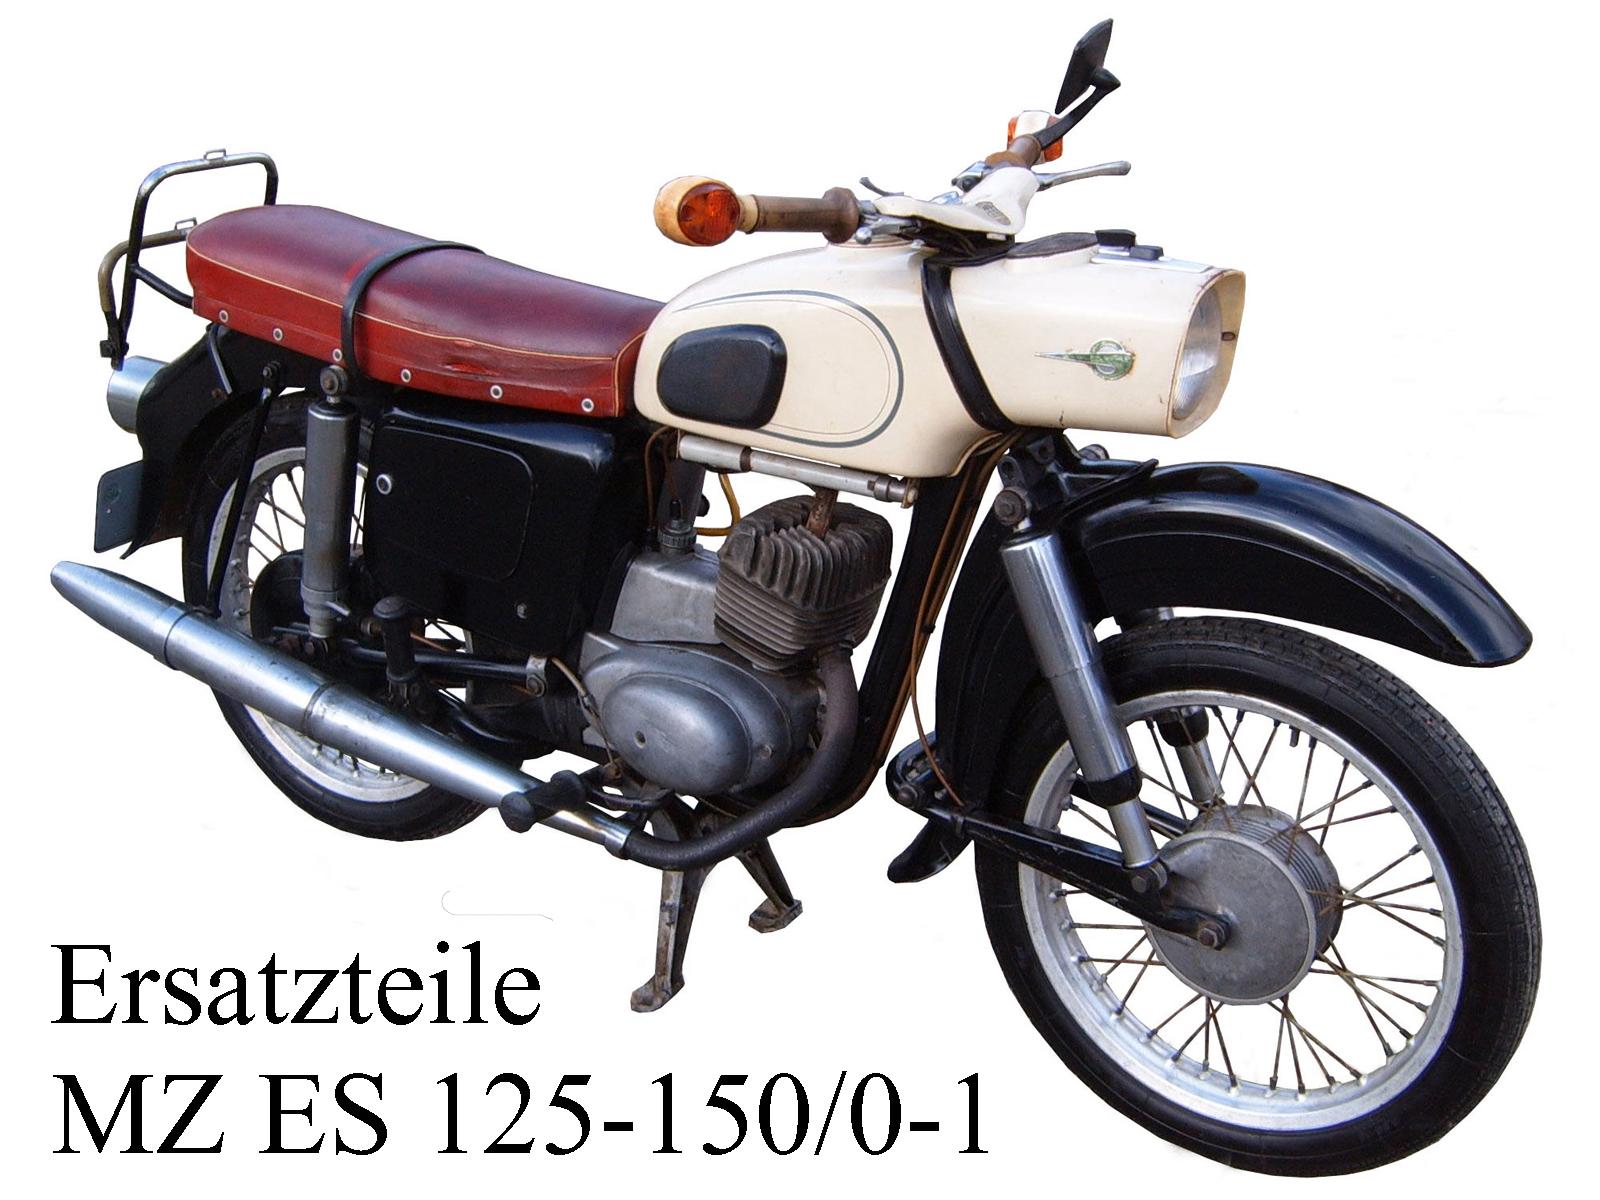 Ersatzteile kaufen für die DDR-Motorräder MZ ES 125-150/0-1